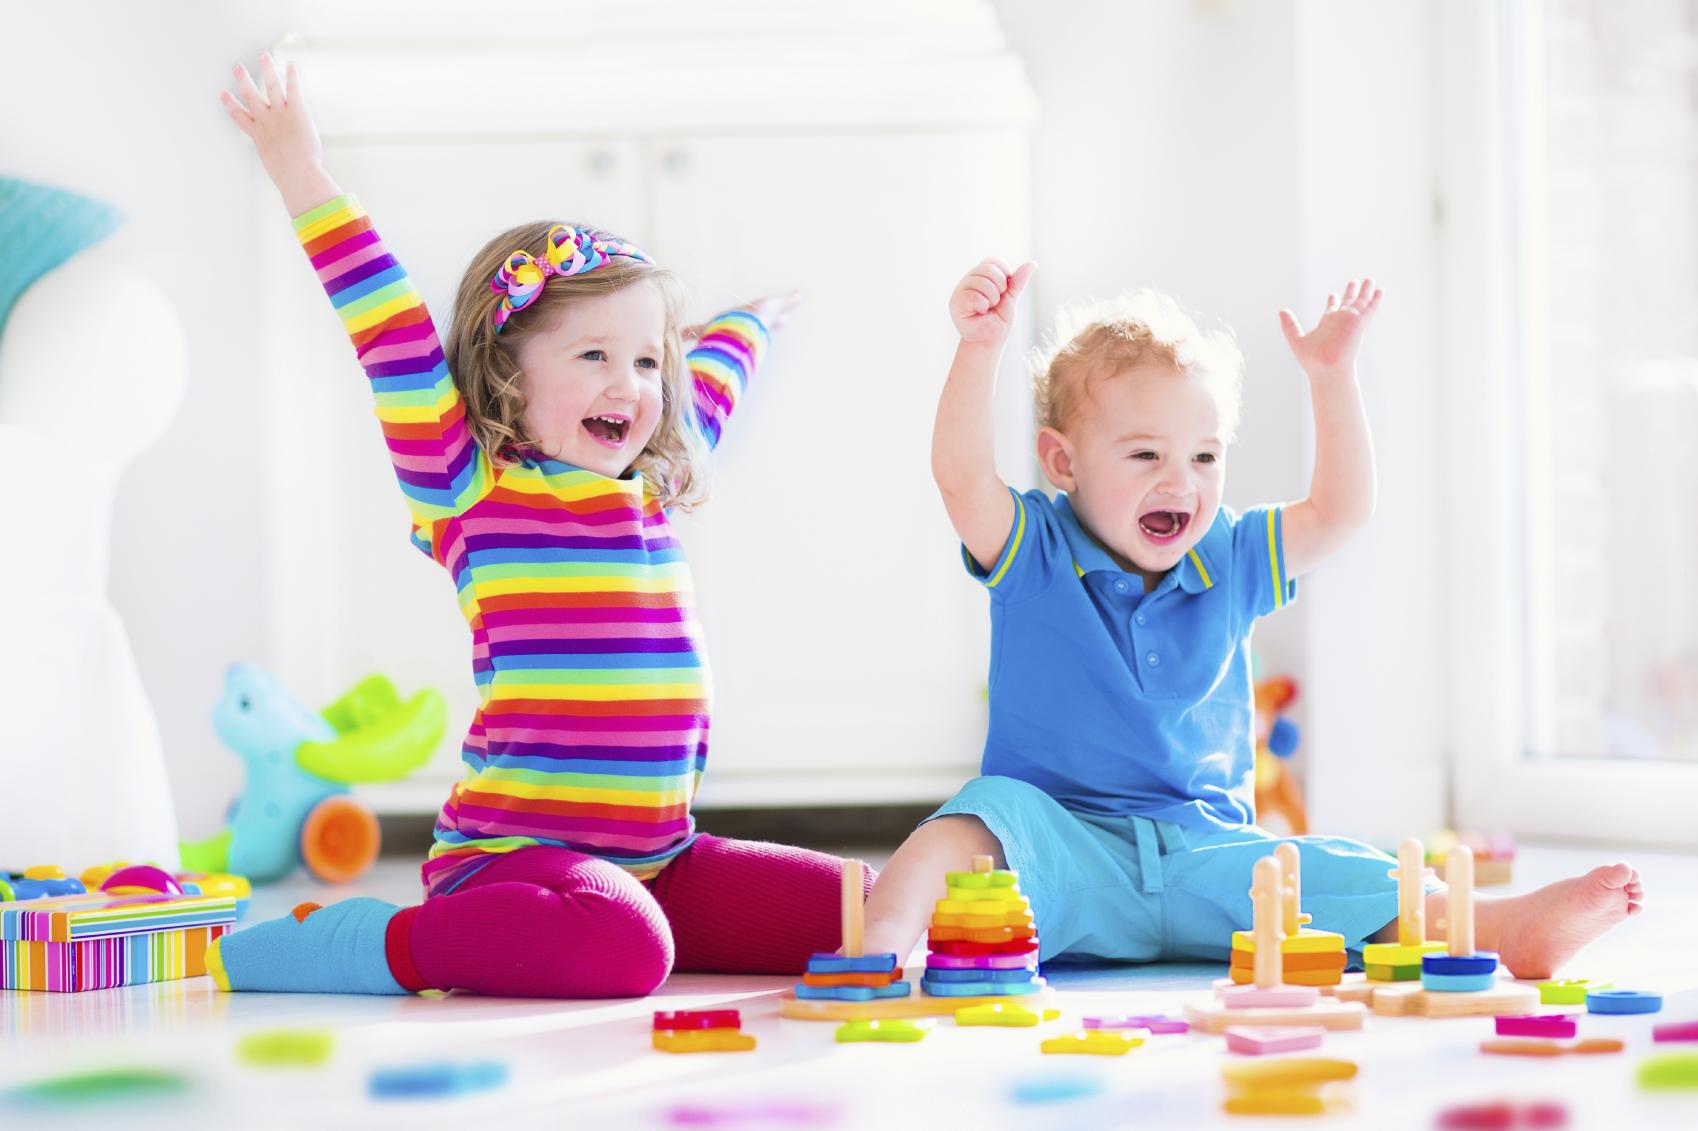 الاطفال والابراج